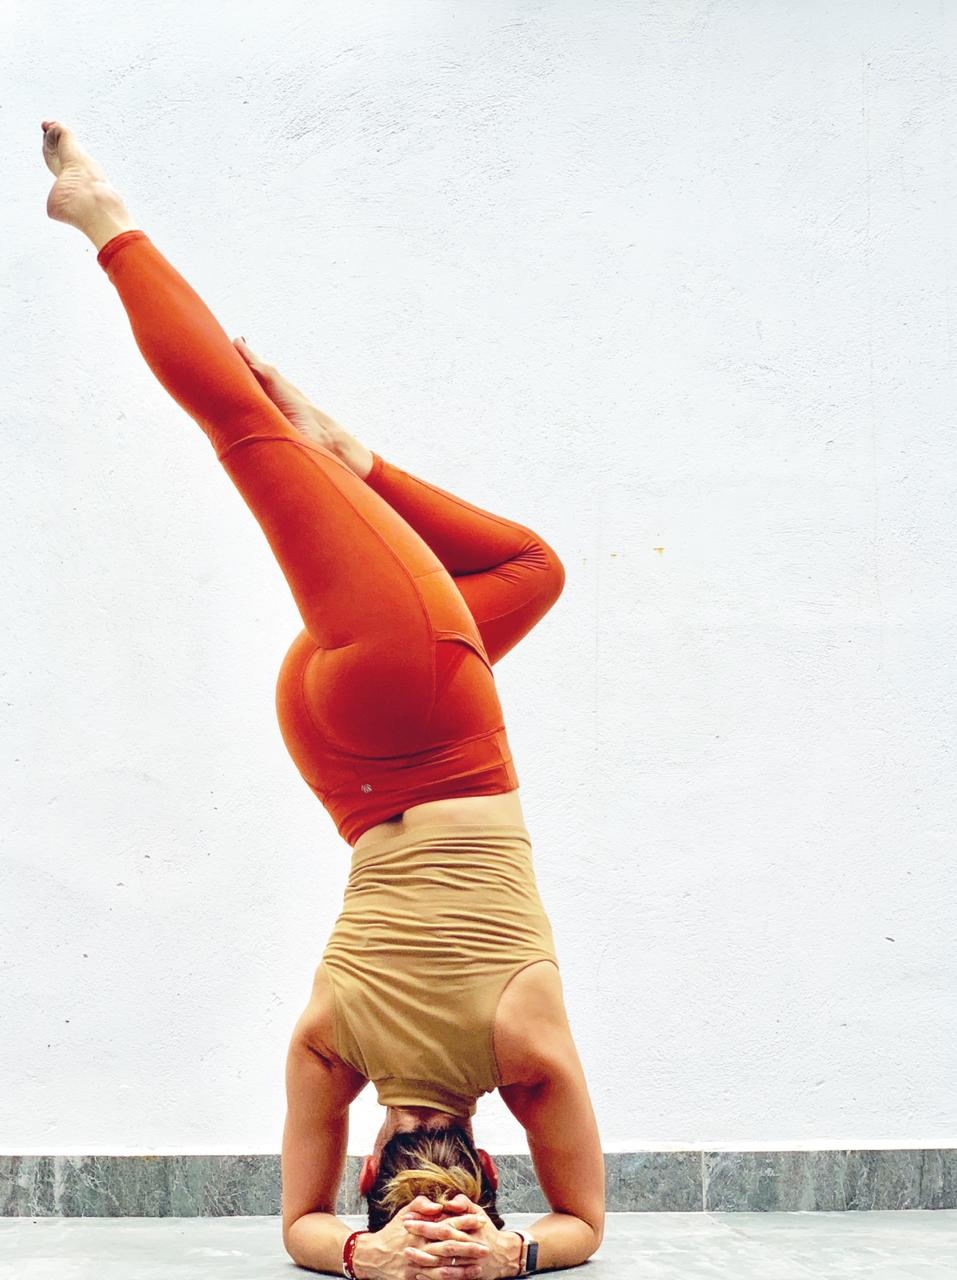 el yoga y la calistenia